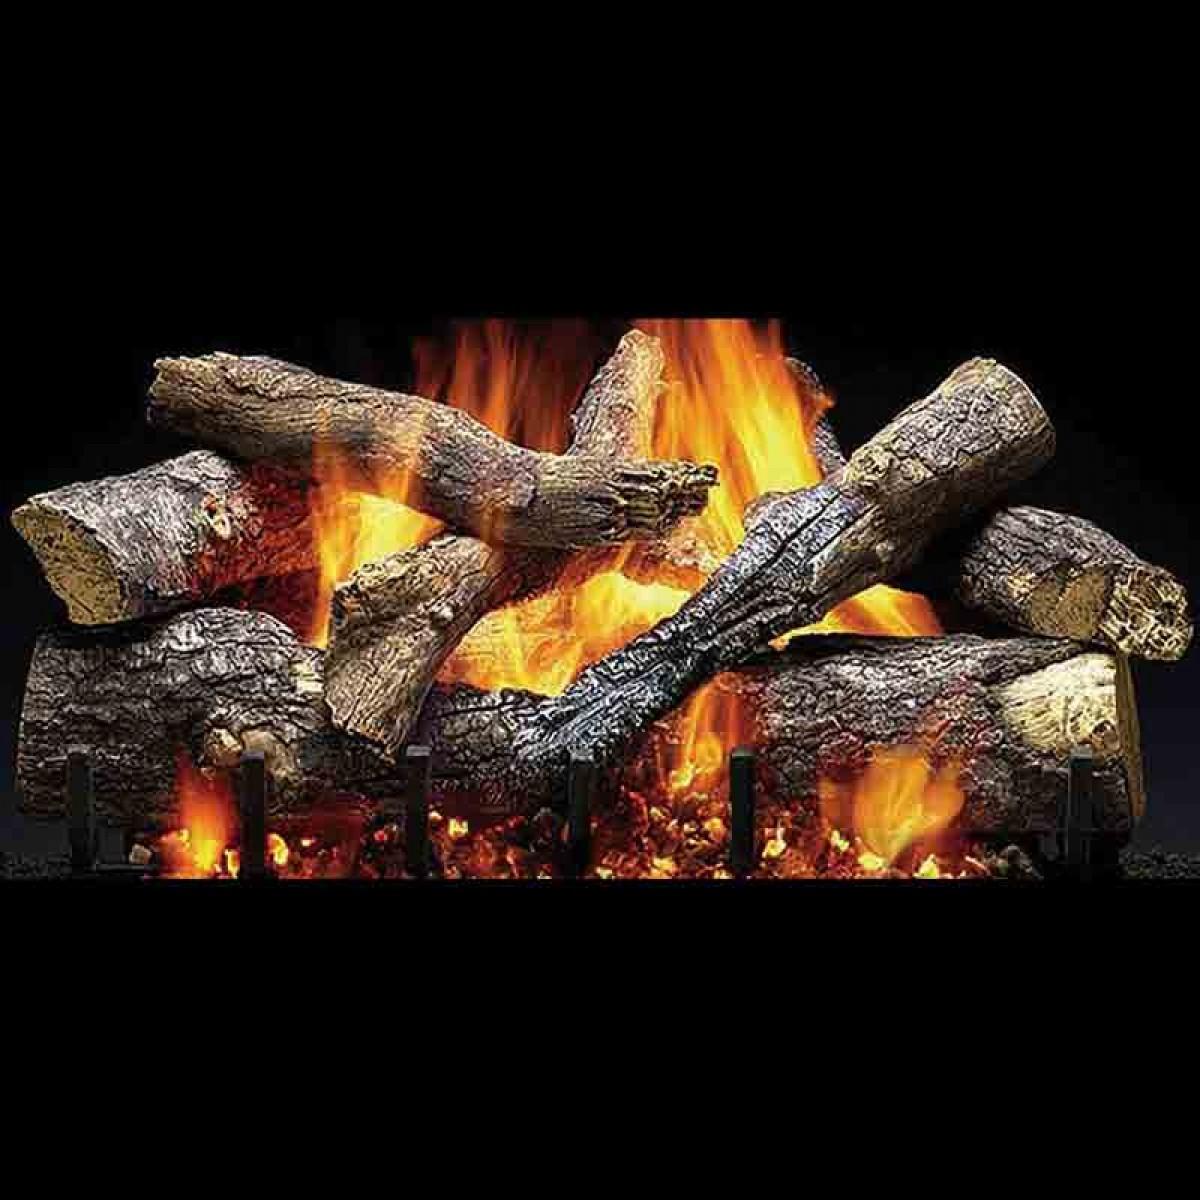 Majestic Fireside Grand Oak Gas Log Set